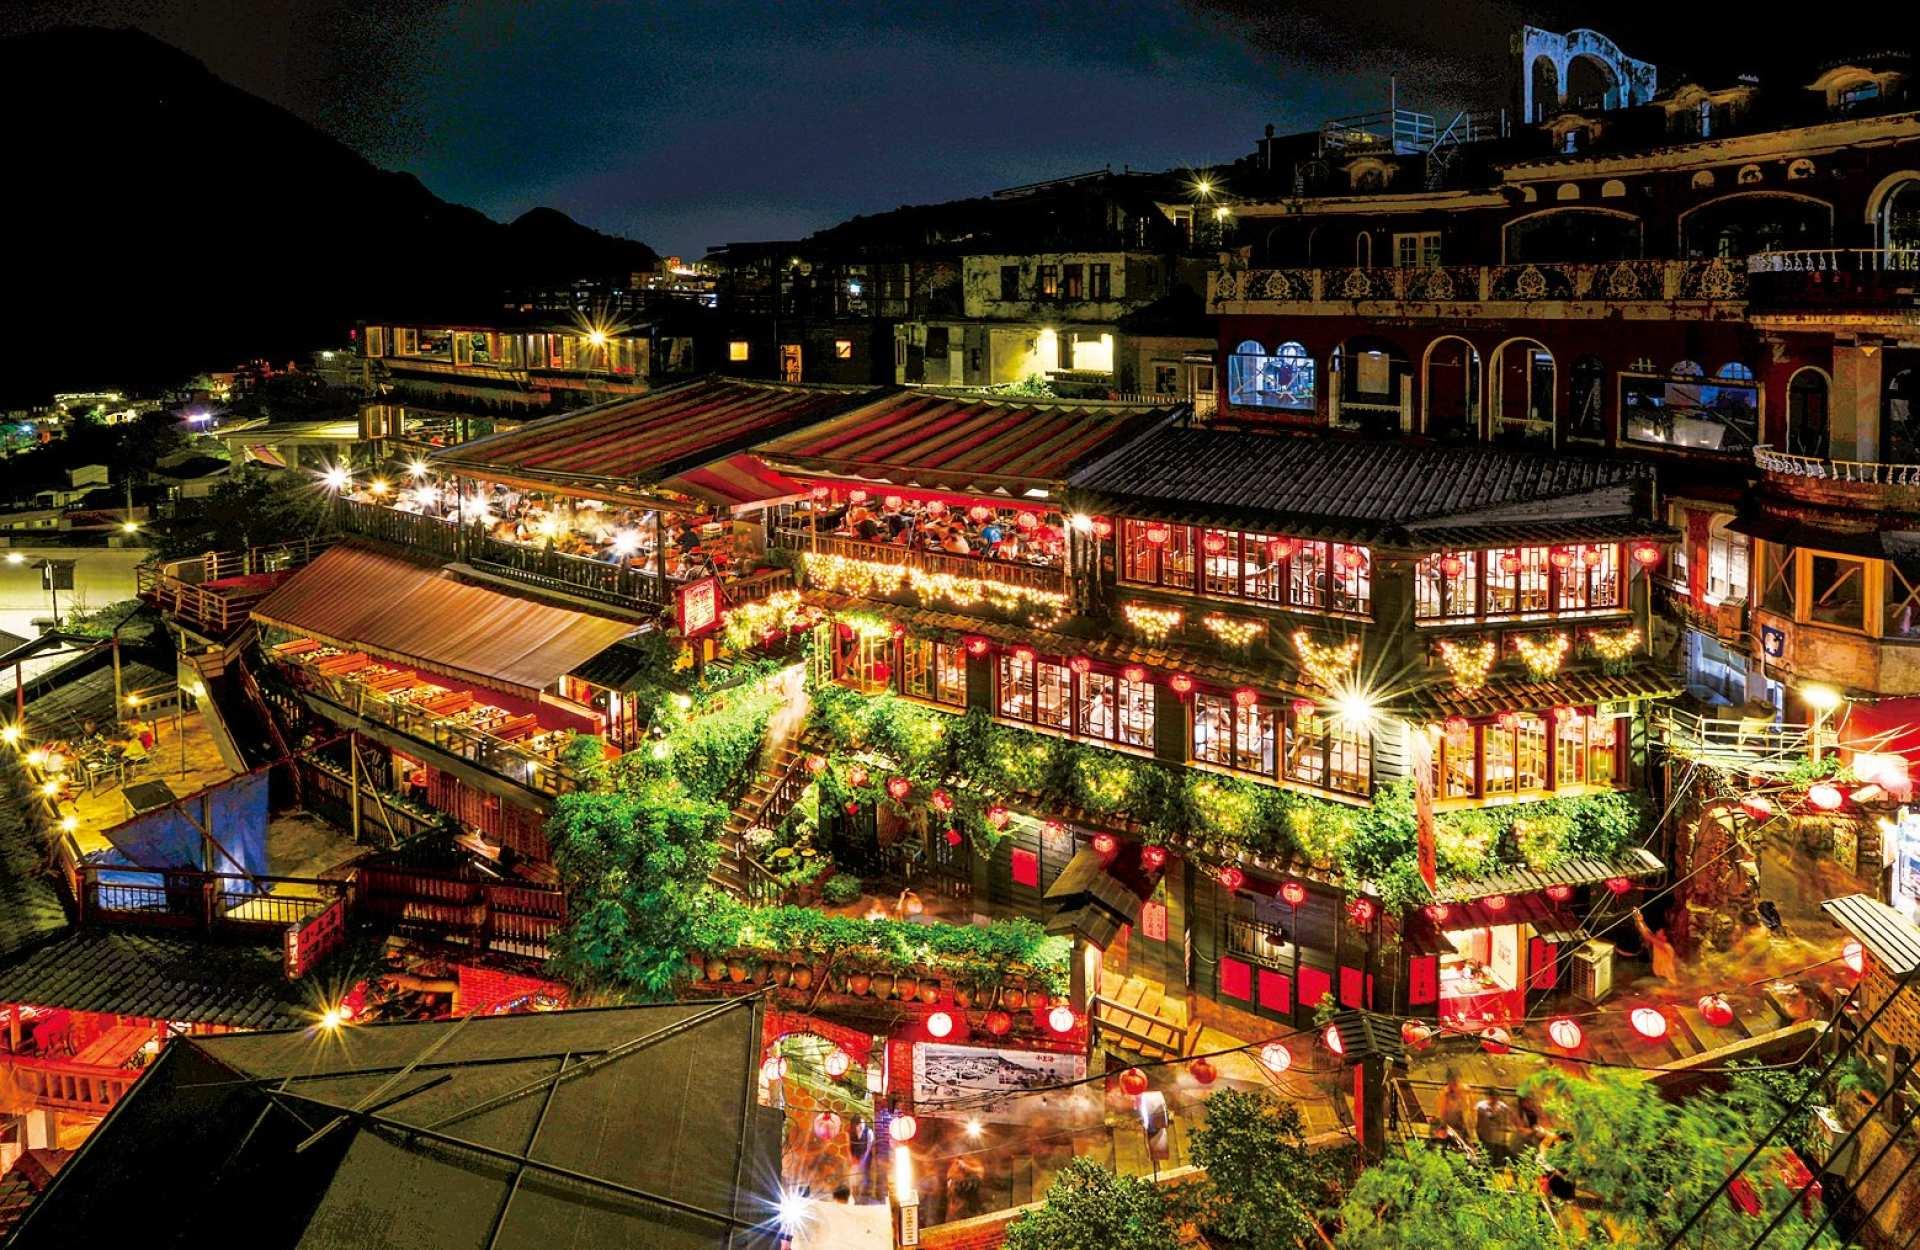 おうちで台湾|夜の九份観光・オンラインツアー|基山街+豎崎路+お茶試飲見学|Zoom利用